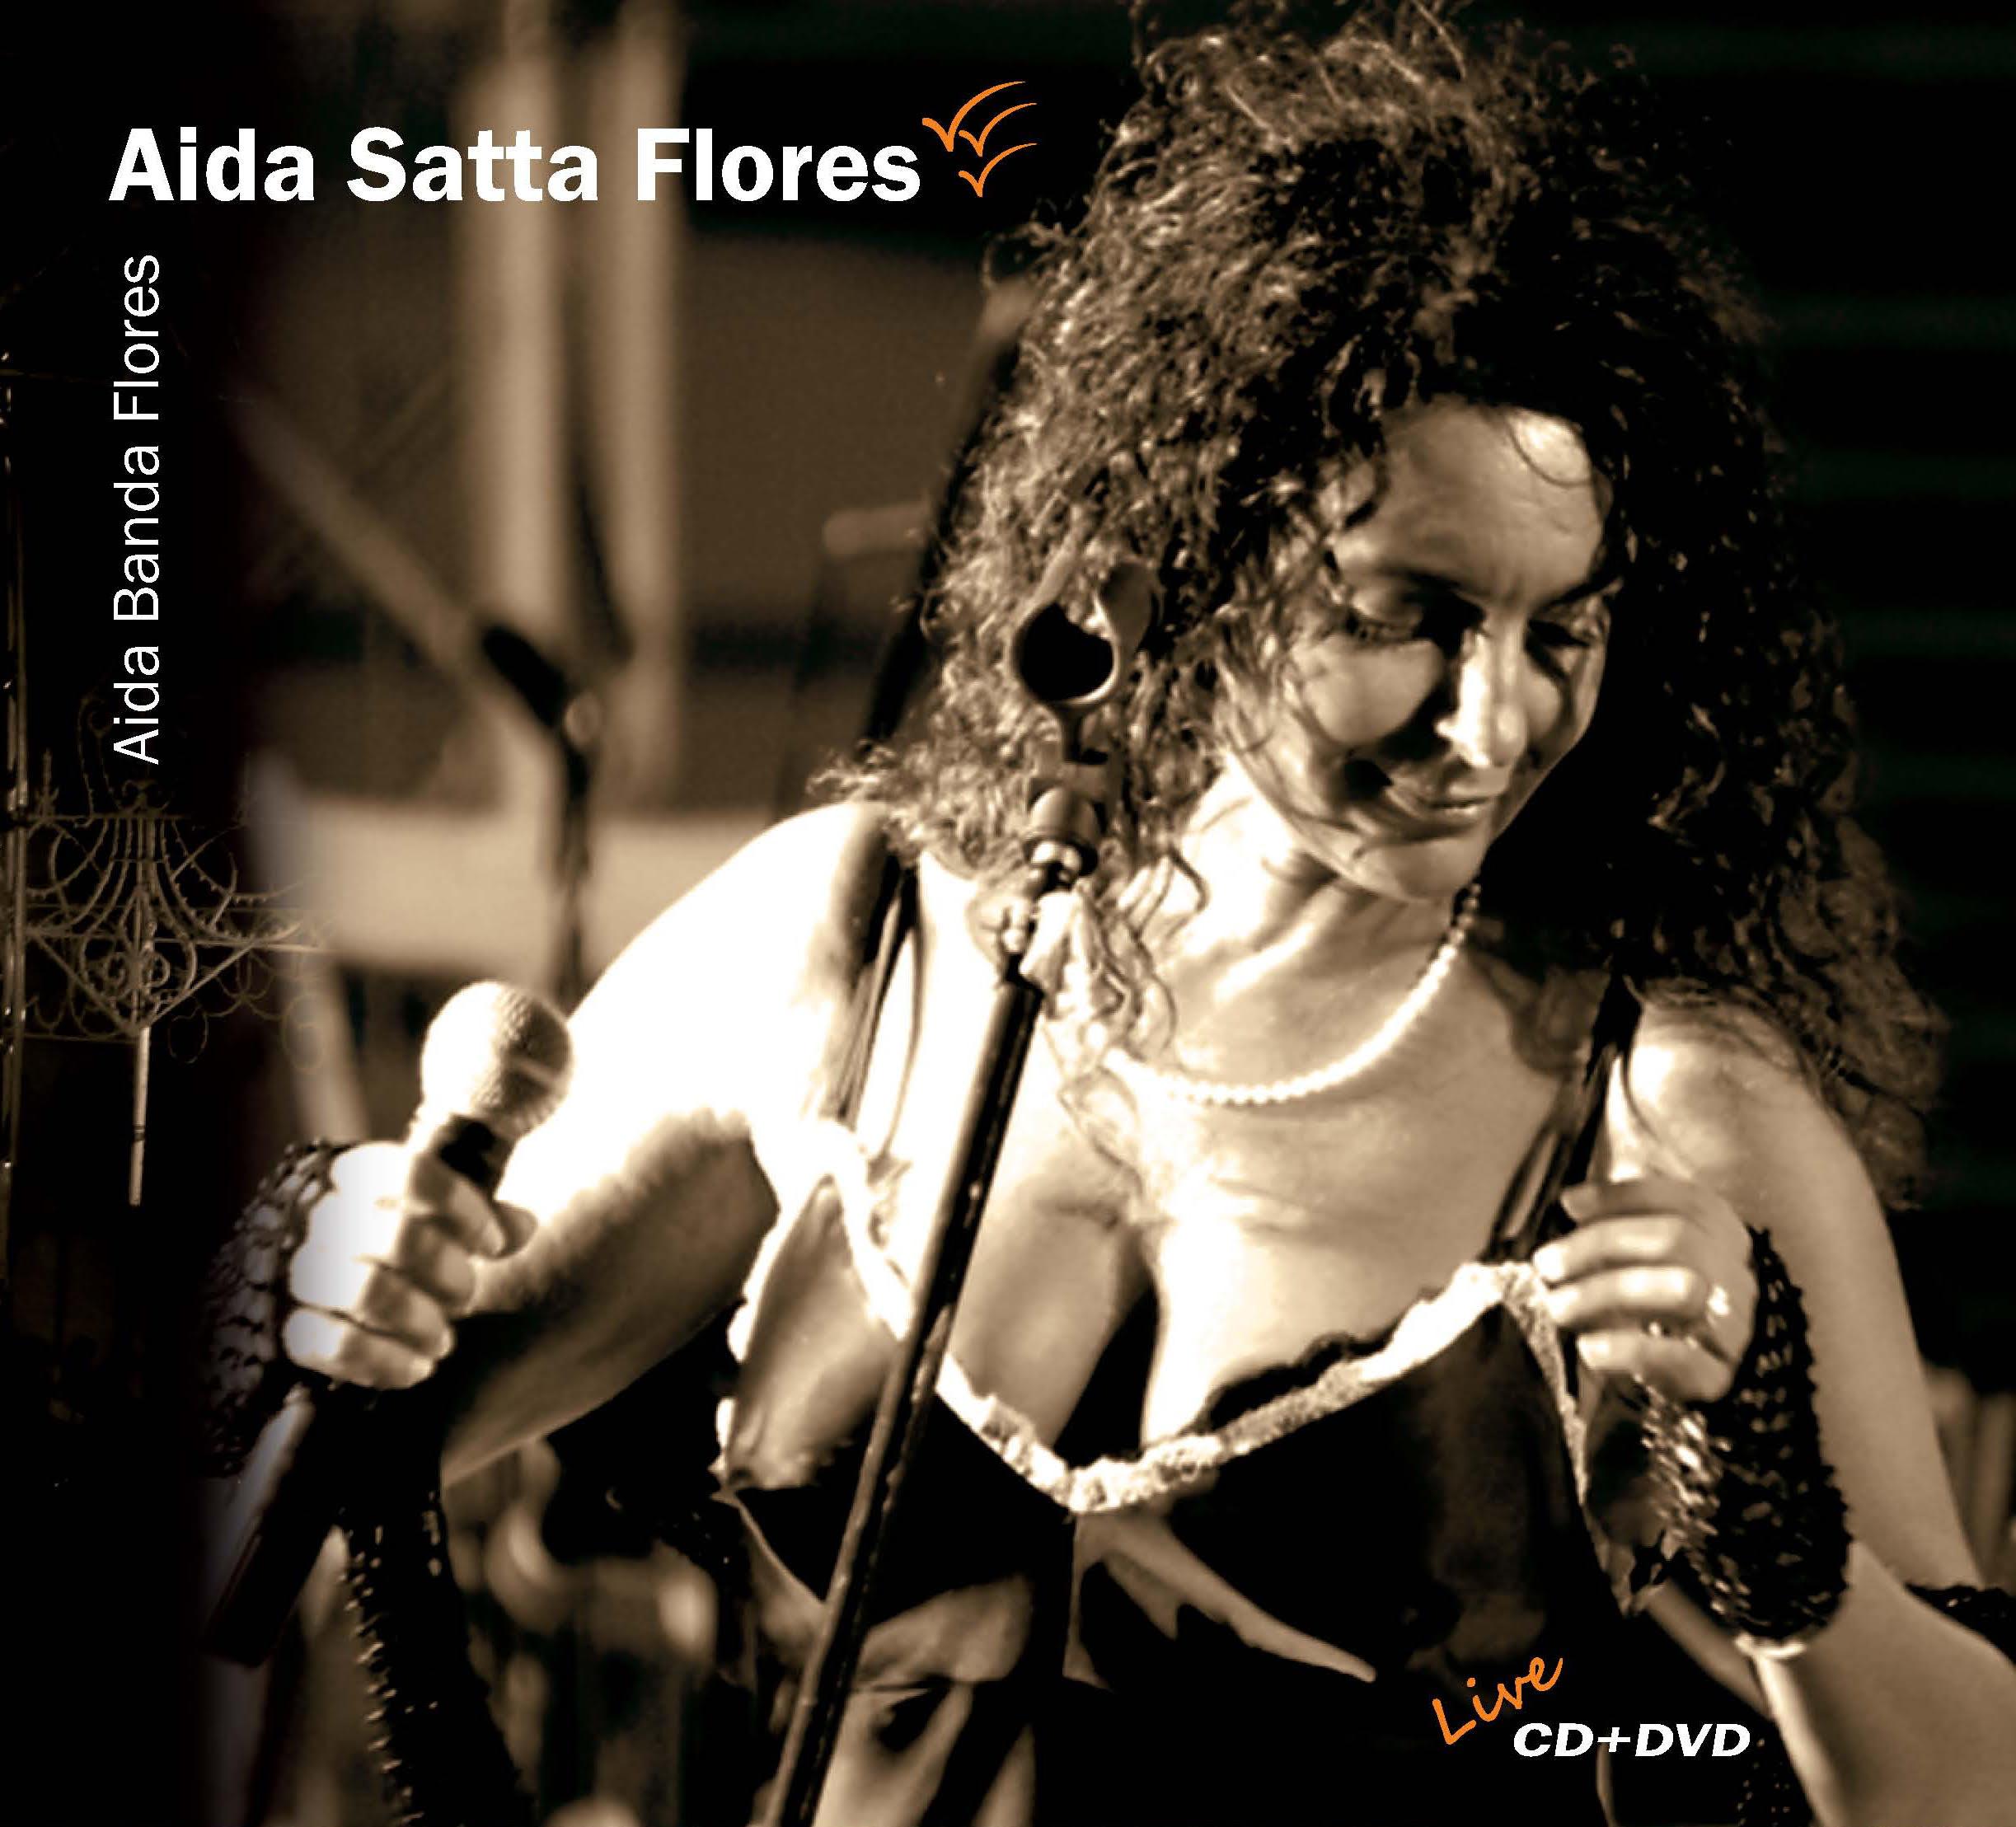 """""""Una vita più semplice"""", alle 8 dell'8 maggio il via al nuovo progetto di Aida Satta Flores dedicato alle donne e ai bambini vittime di violenza."""